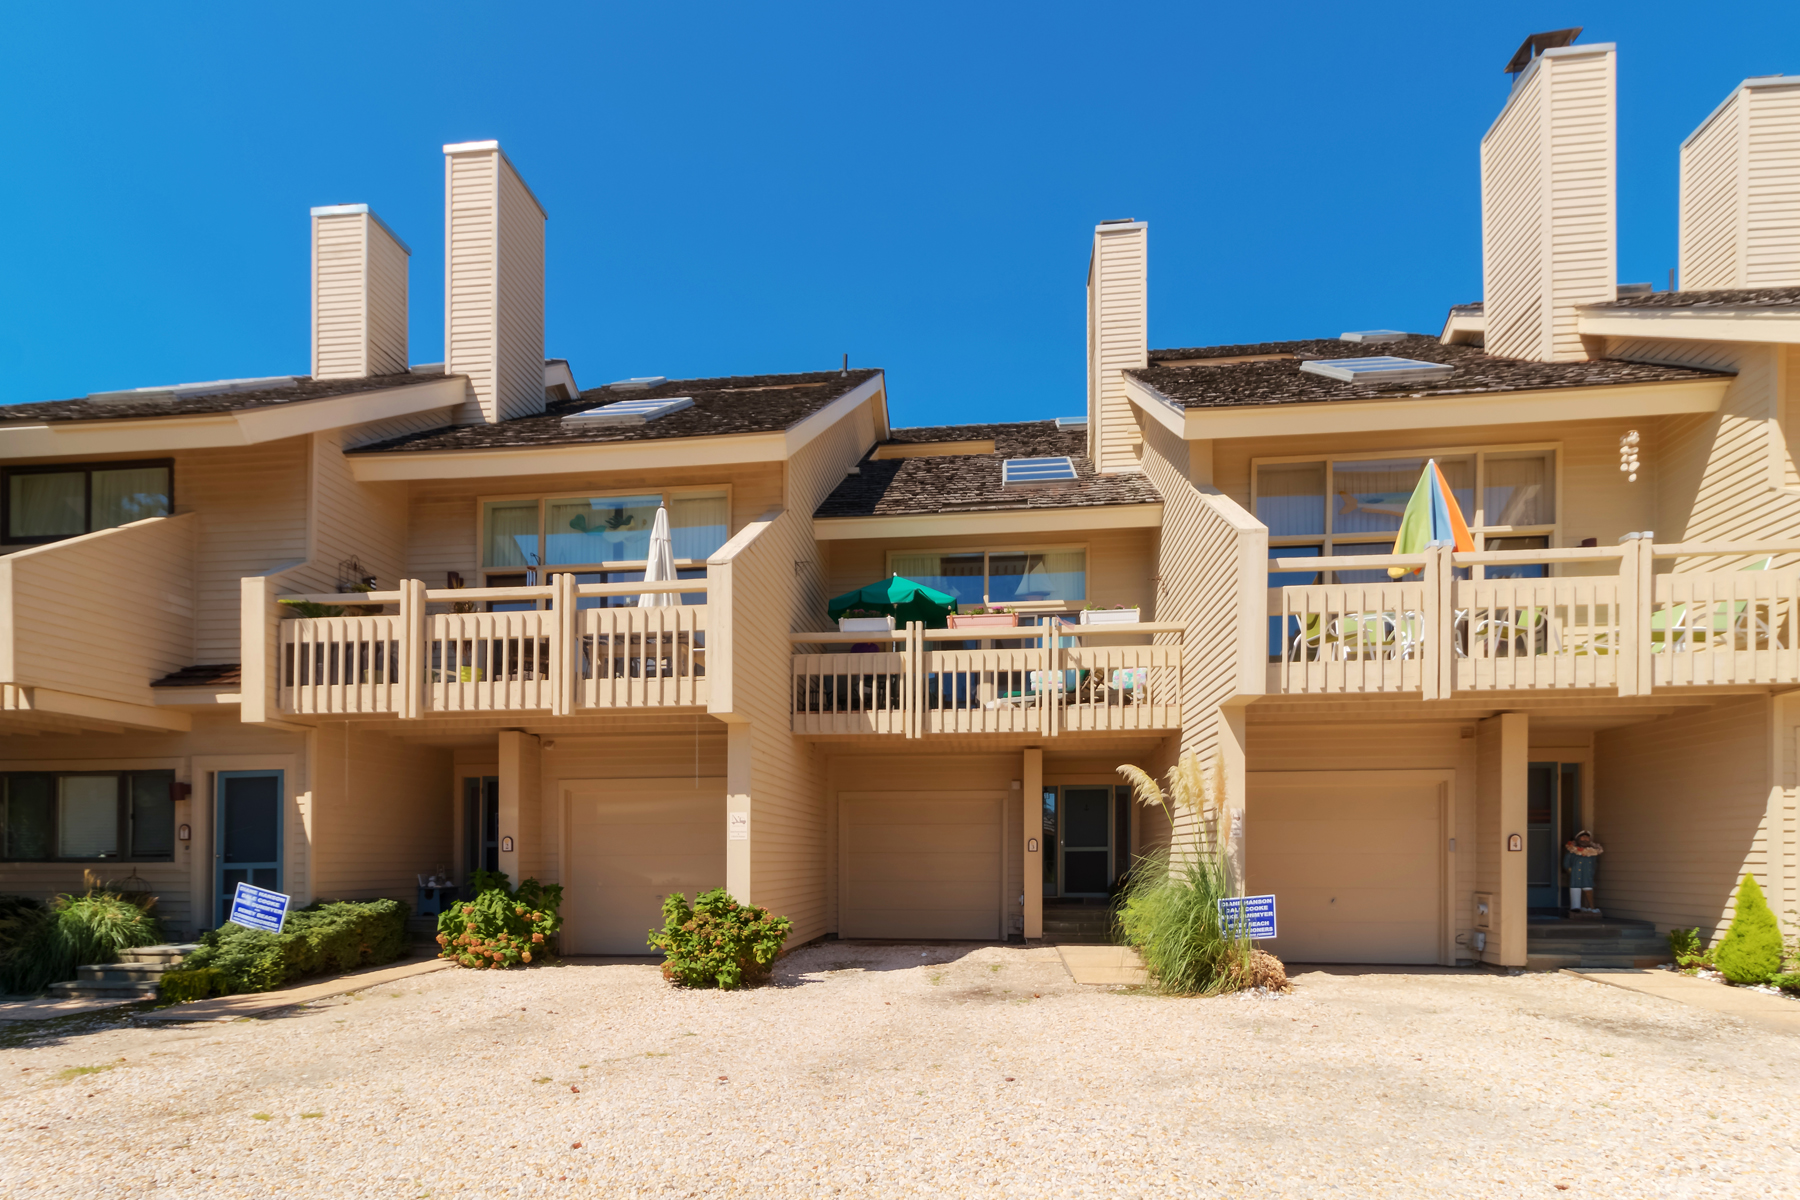 Condominium for Sale at 17 Dickinson St , Dewey Beach, DE 19971 17 Dickinson St 3 Dewey Beach, 19971 United States